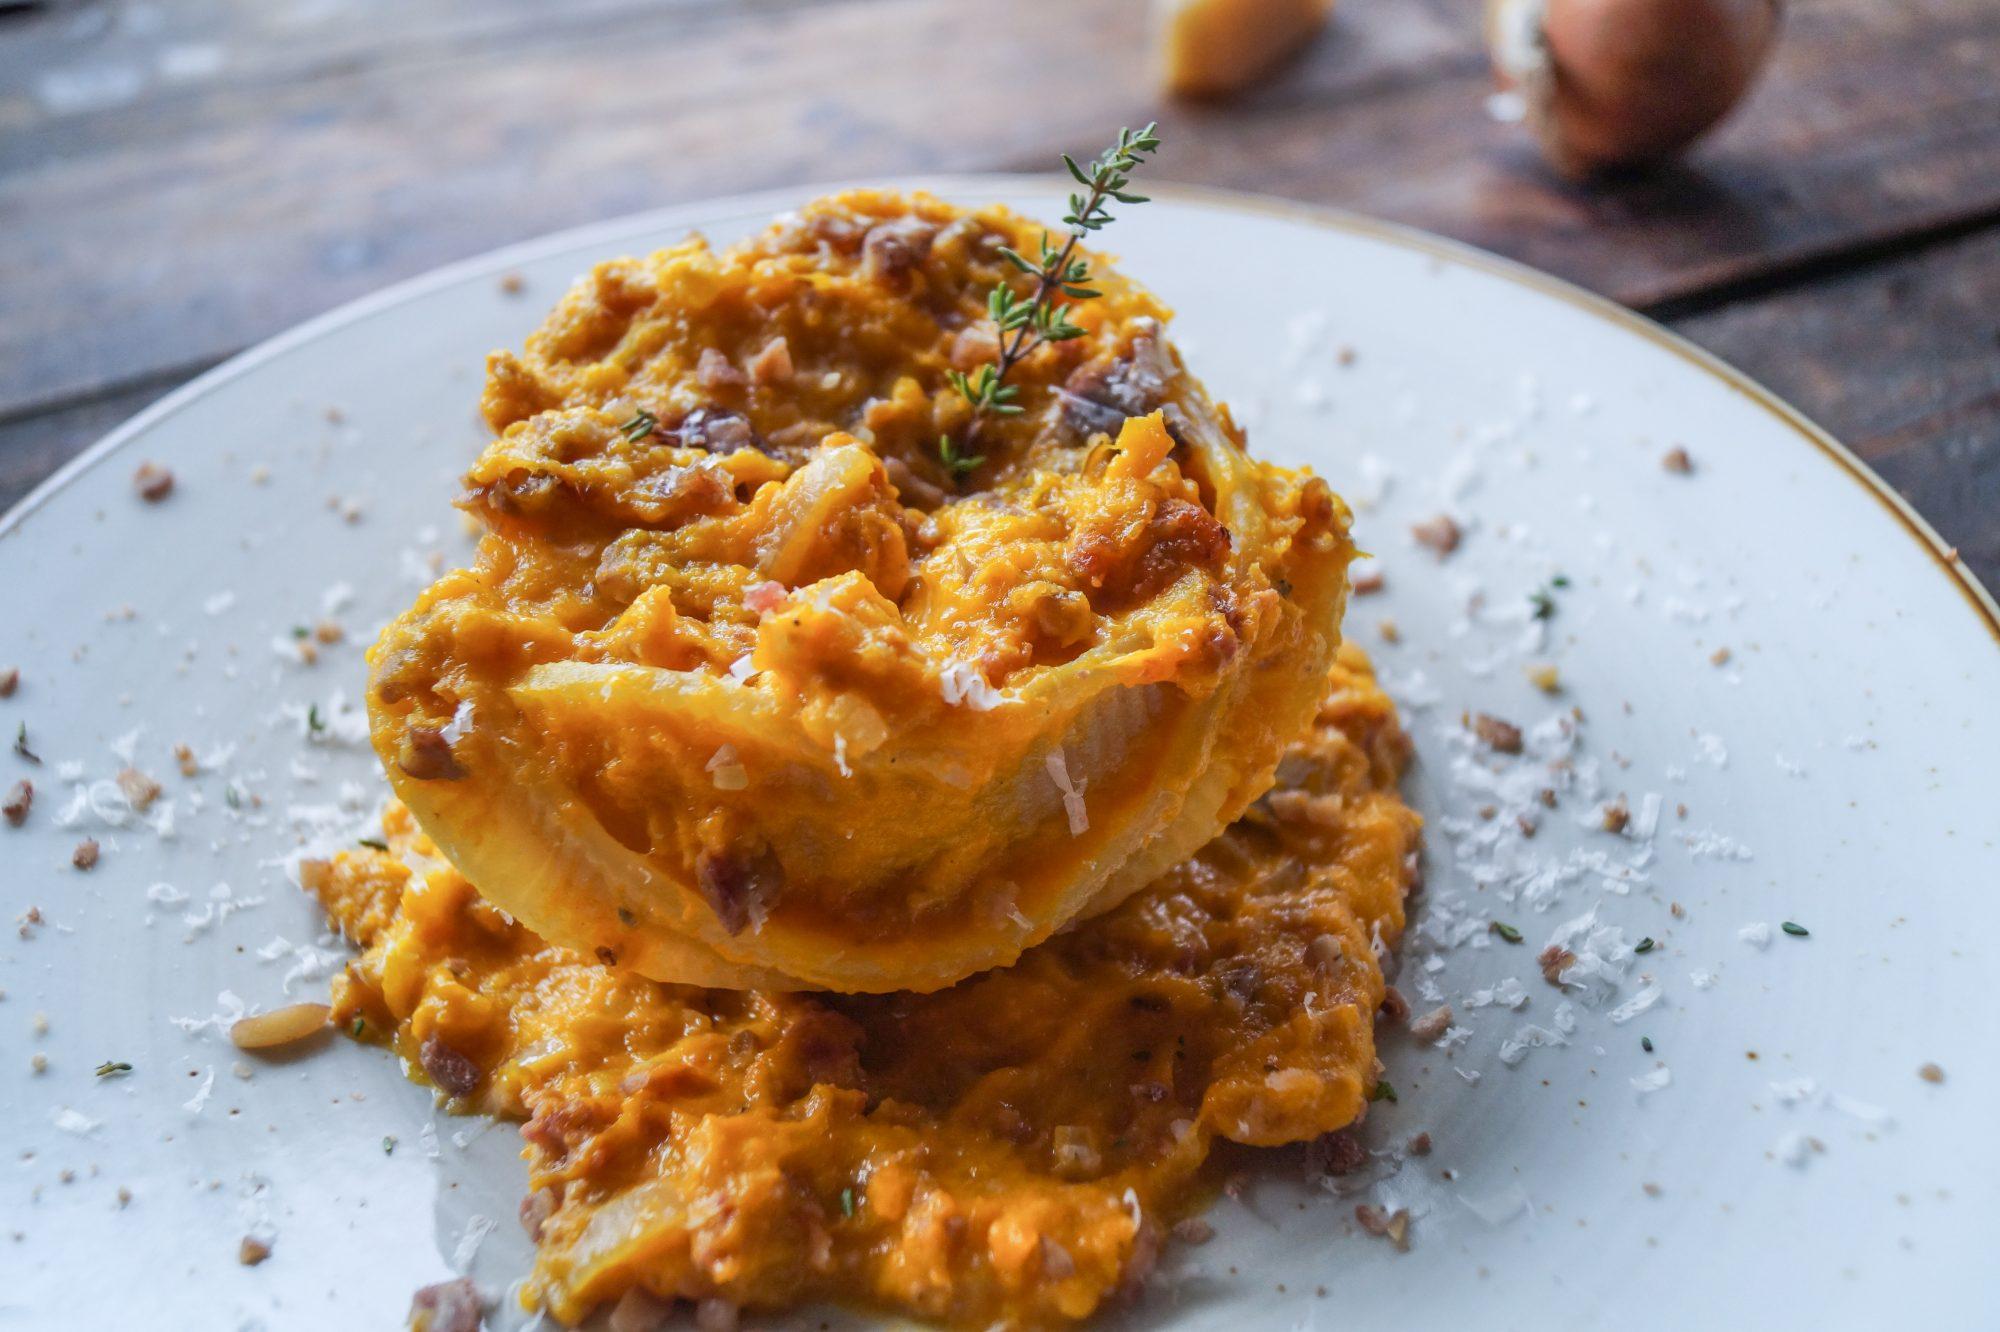 Cacavelle al crema di zucca e salsiccia - Cooking Italy